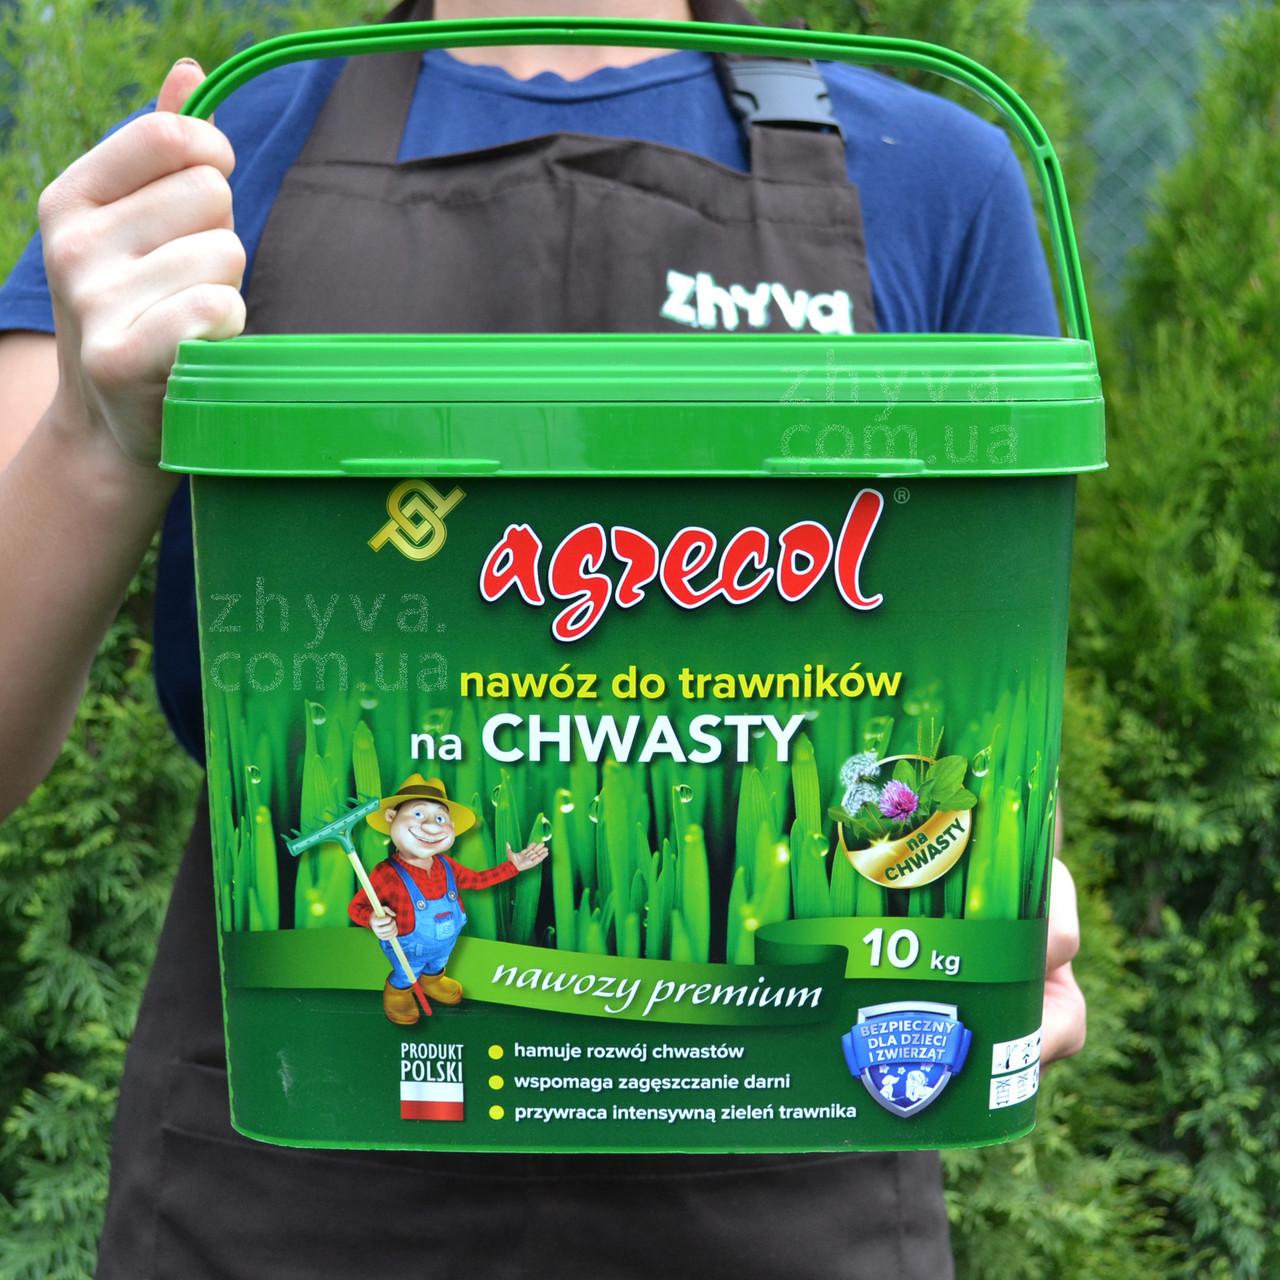 Добриво Argecol для газону від Бур'янів 10 кг